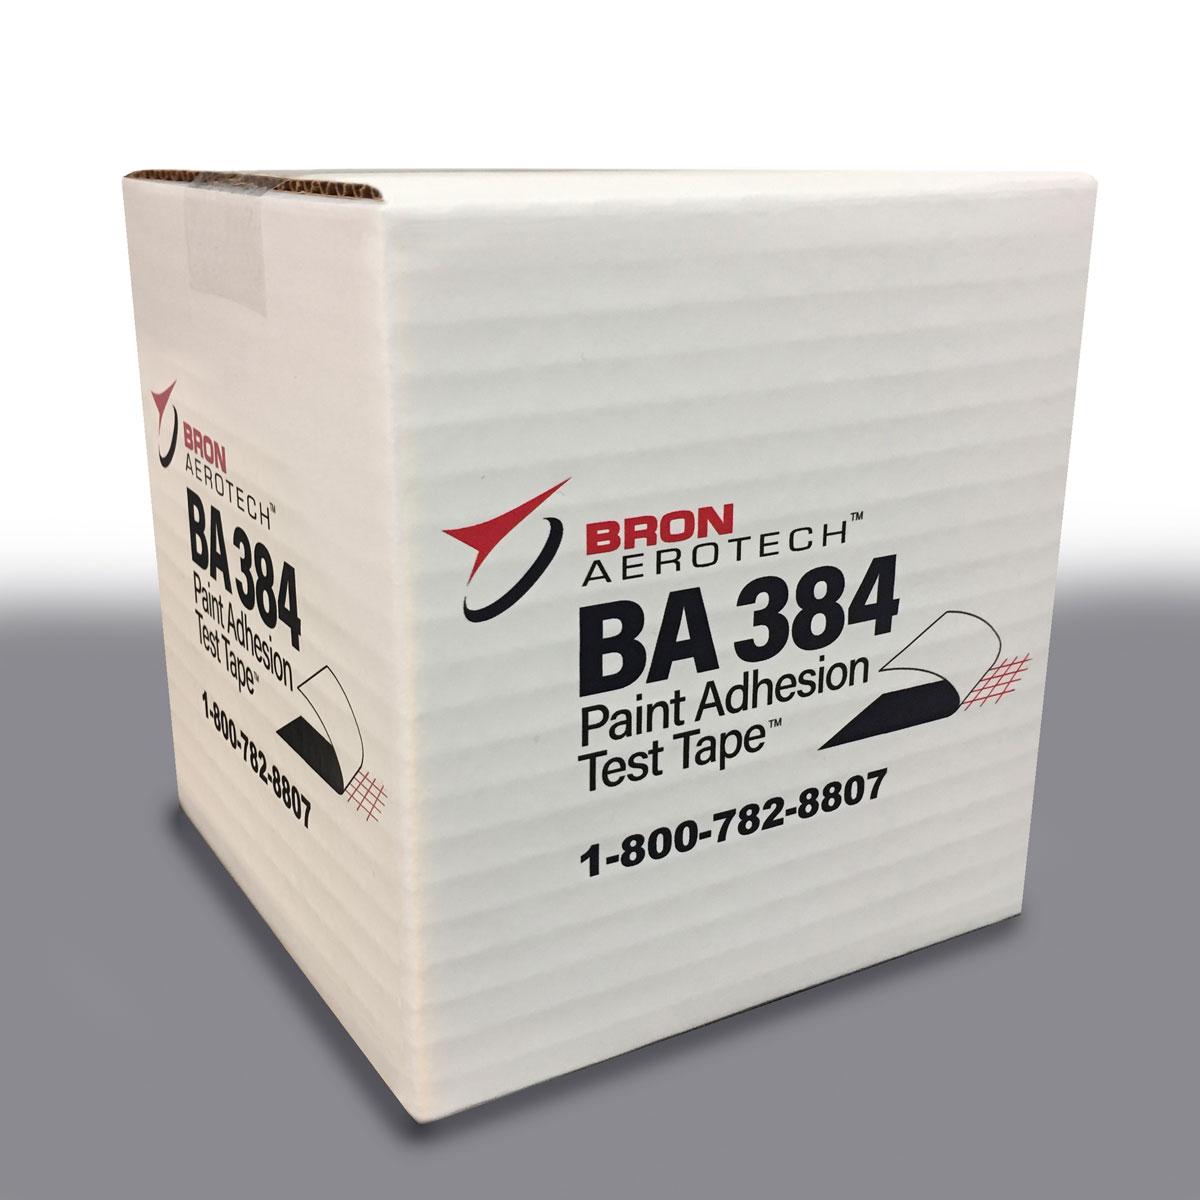 BA 384 Order Form